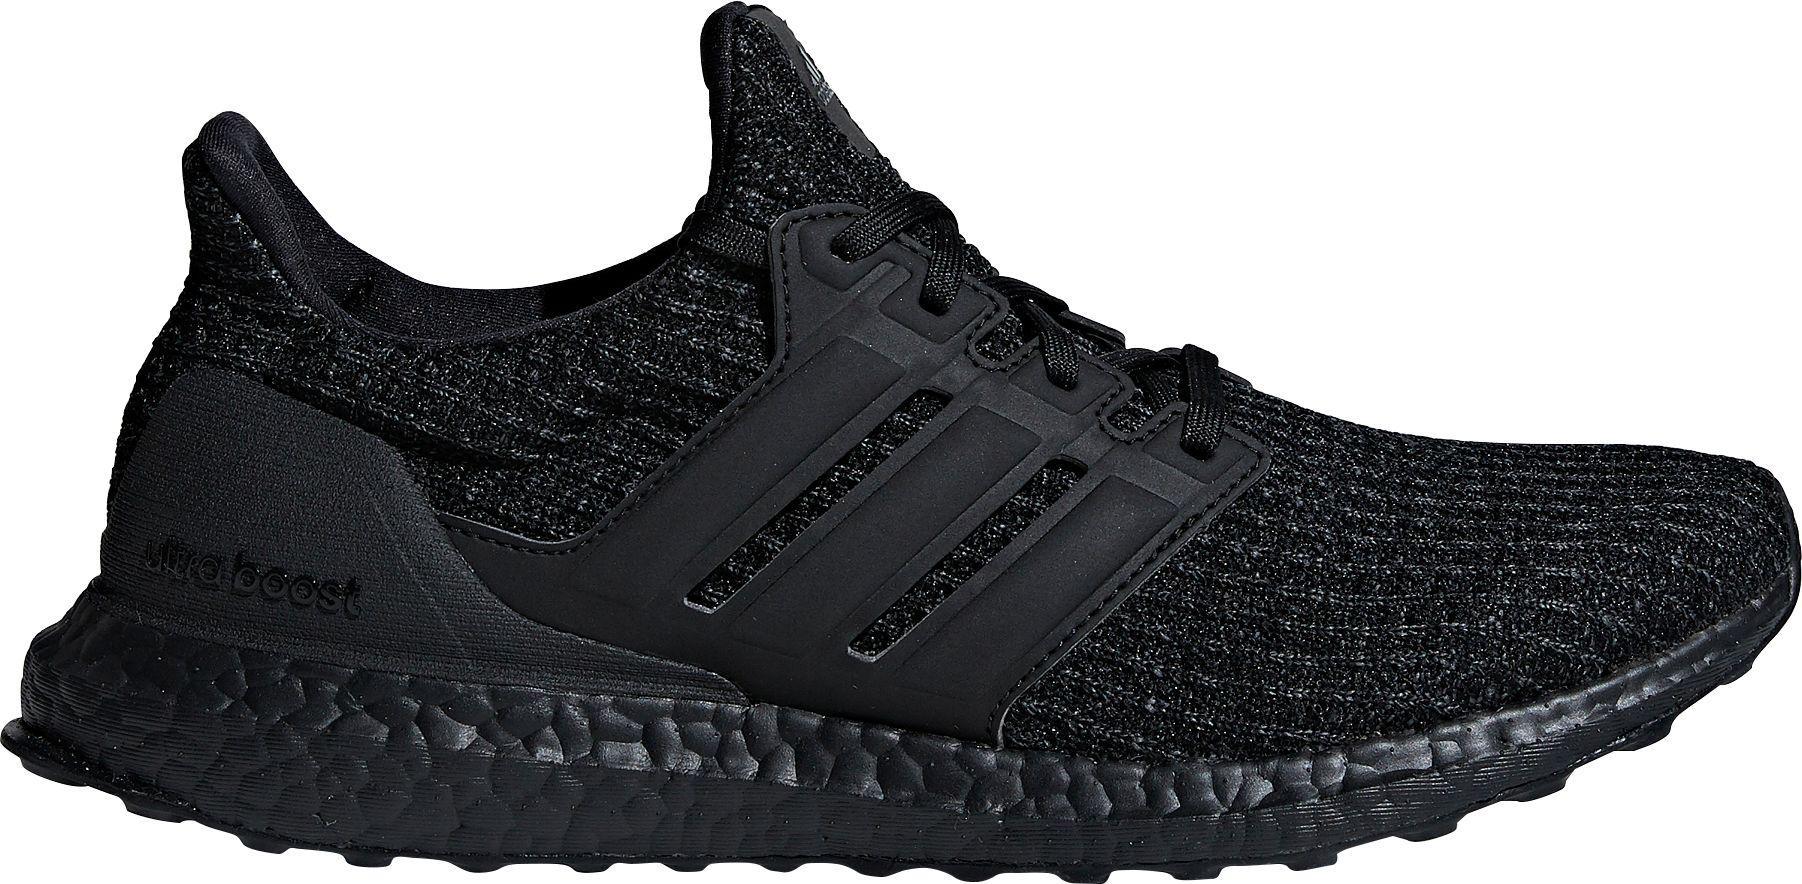 Adidas Originals Black Originals Eqt Support Ultra Primeknit Running Shoes Size 10 for Men Lyst